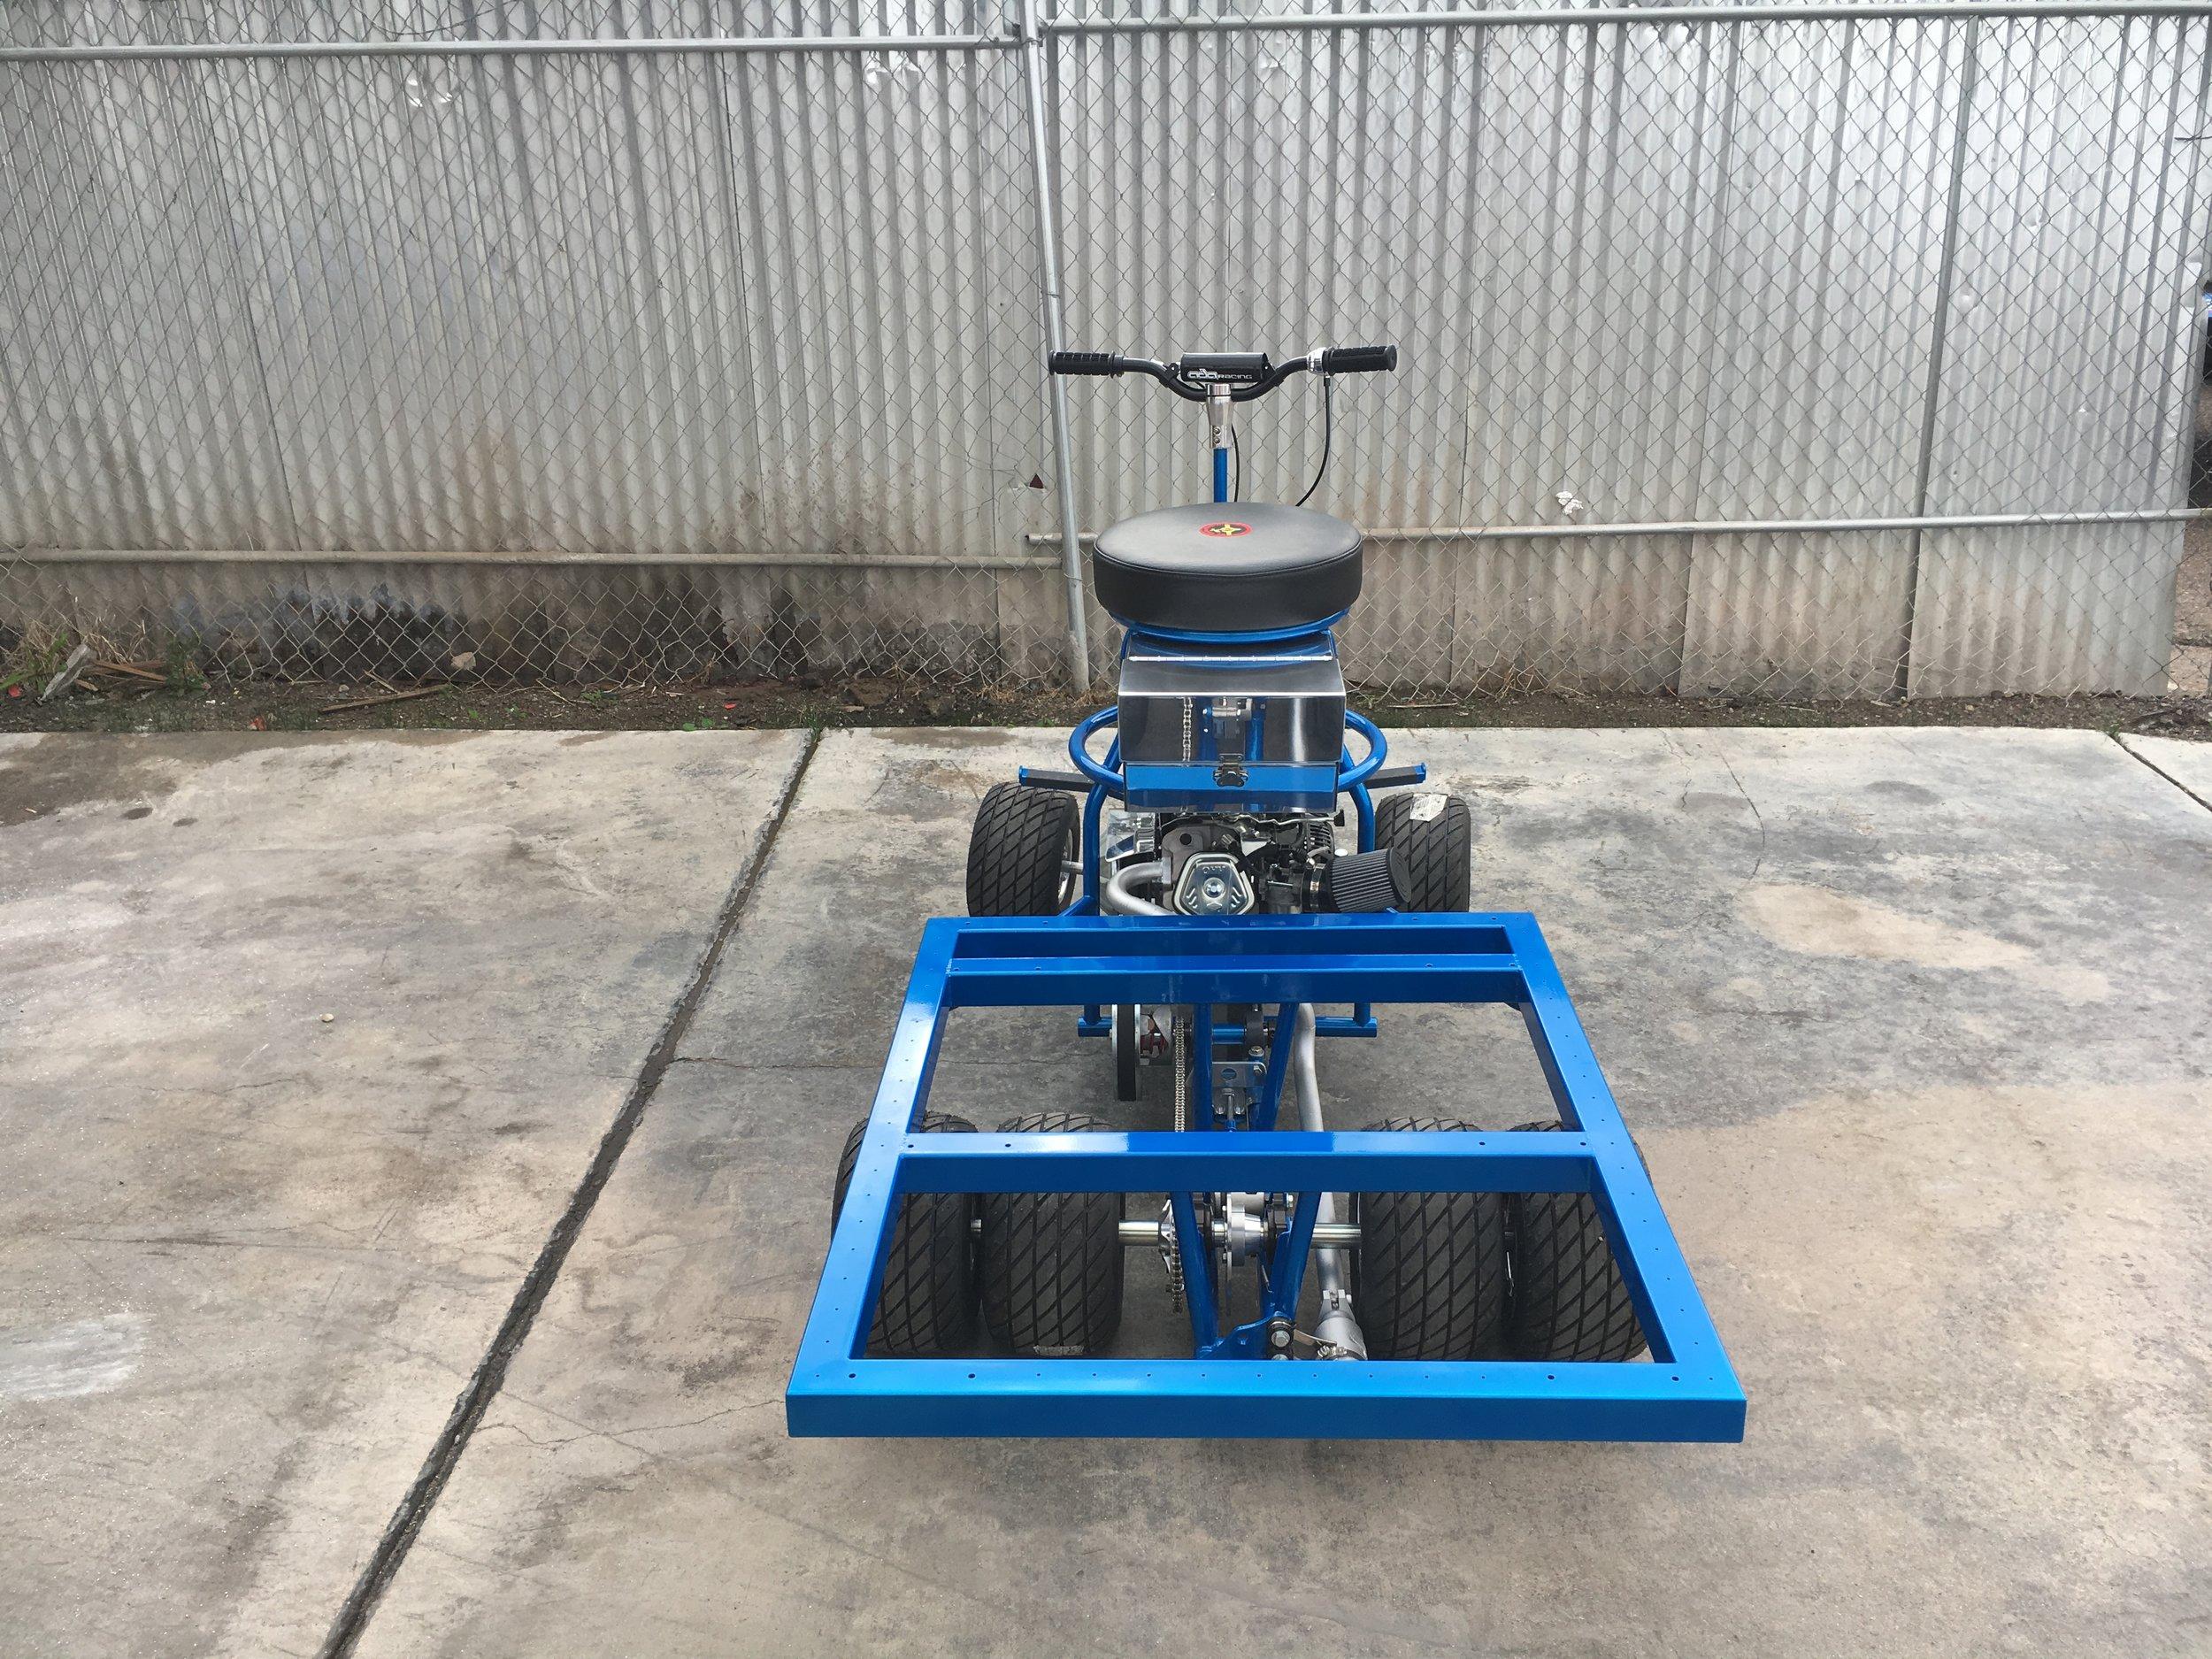 Barstool racer build